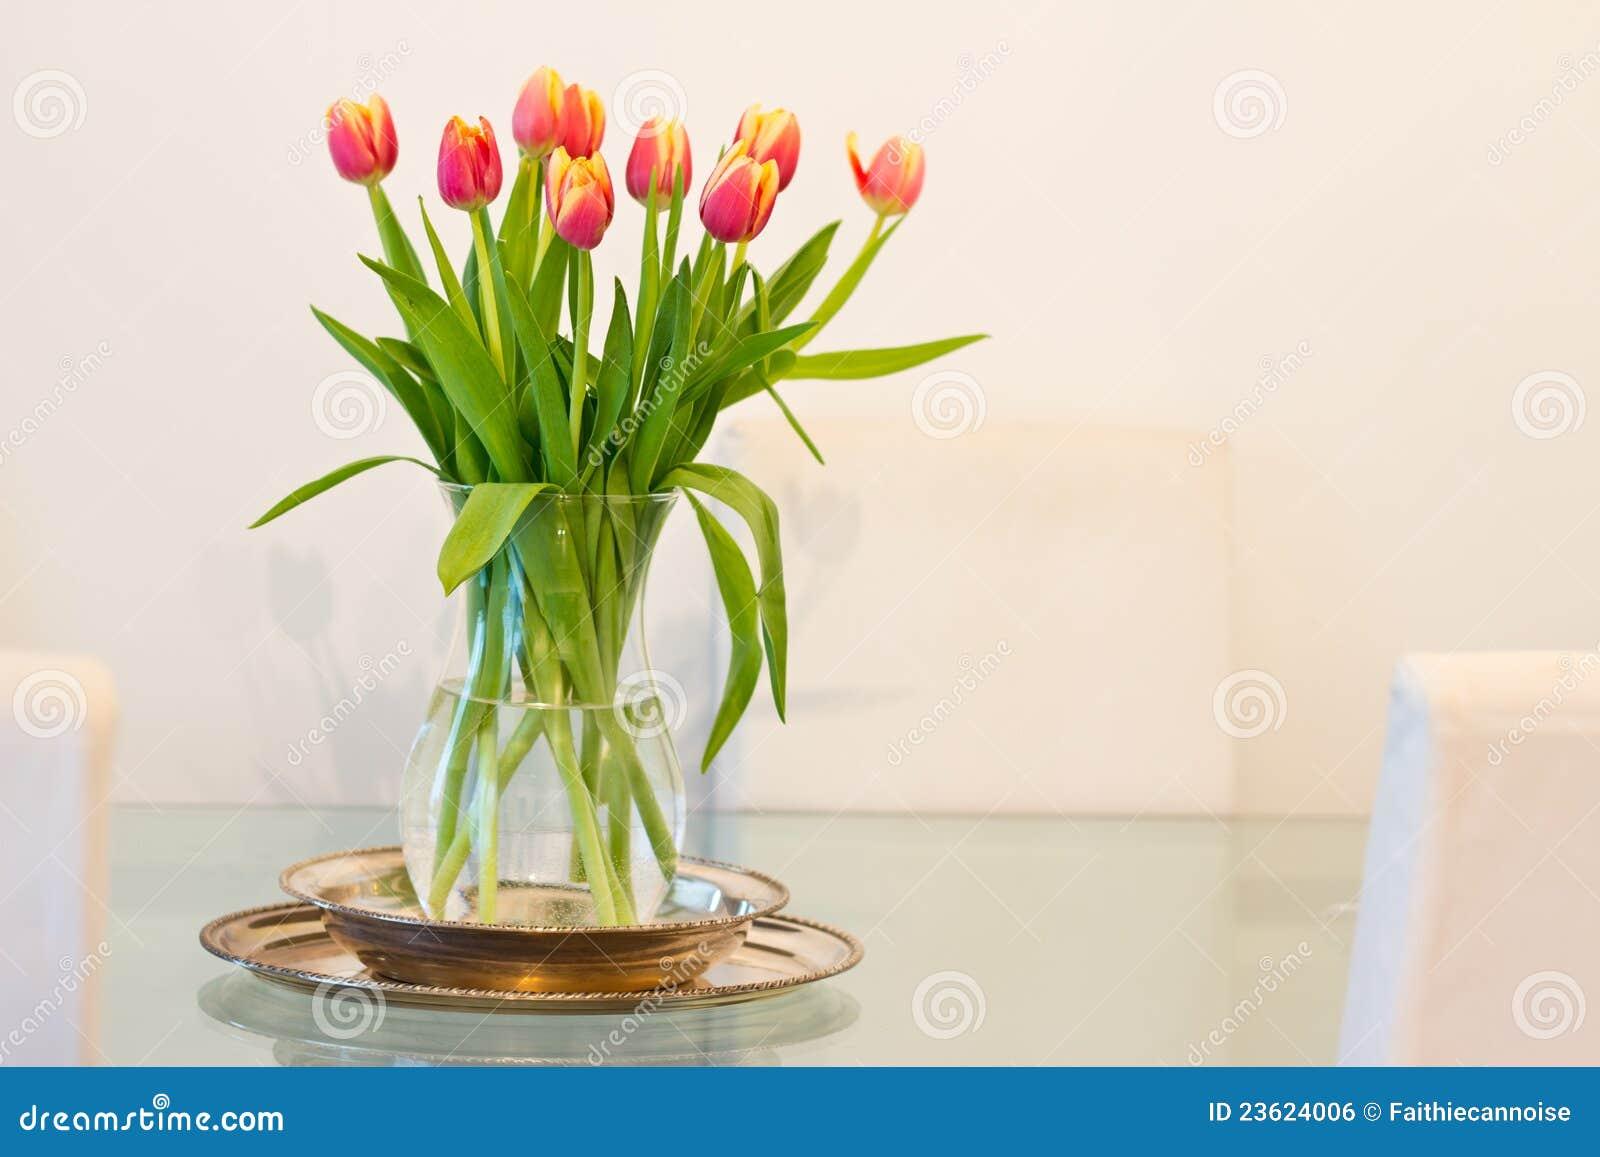 De decoratie van het huis vaas van tulpen op glaslijst - Decoratie afbeelding ...